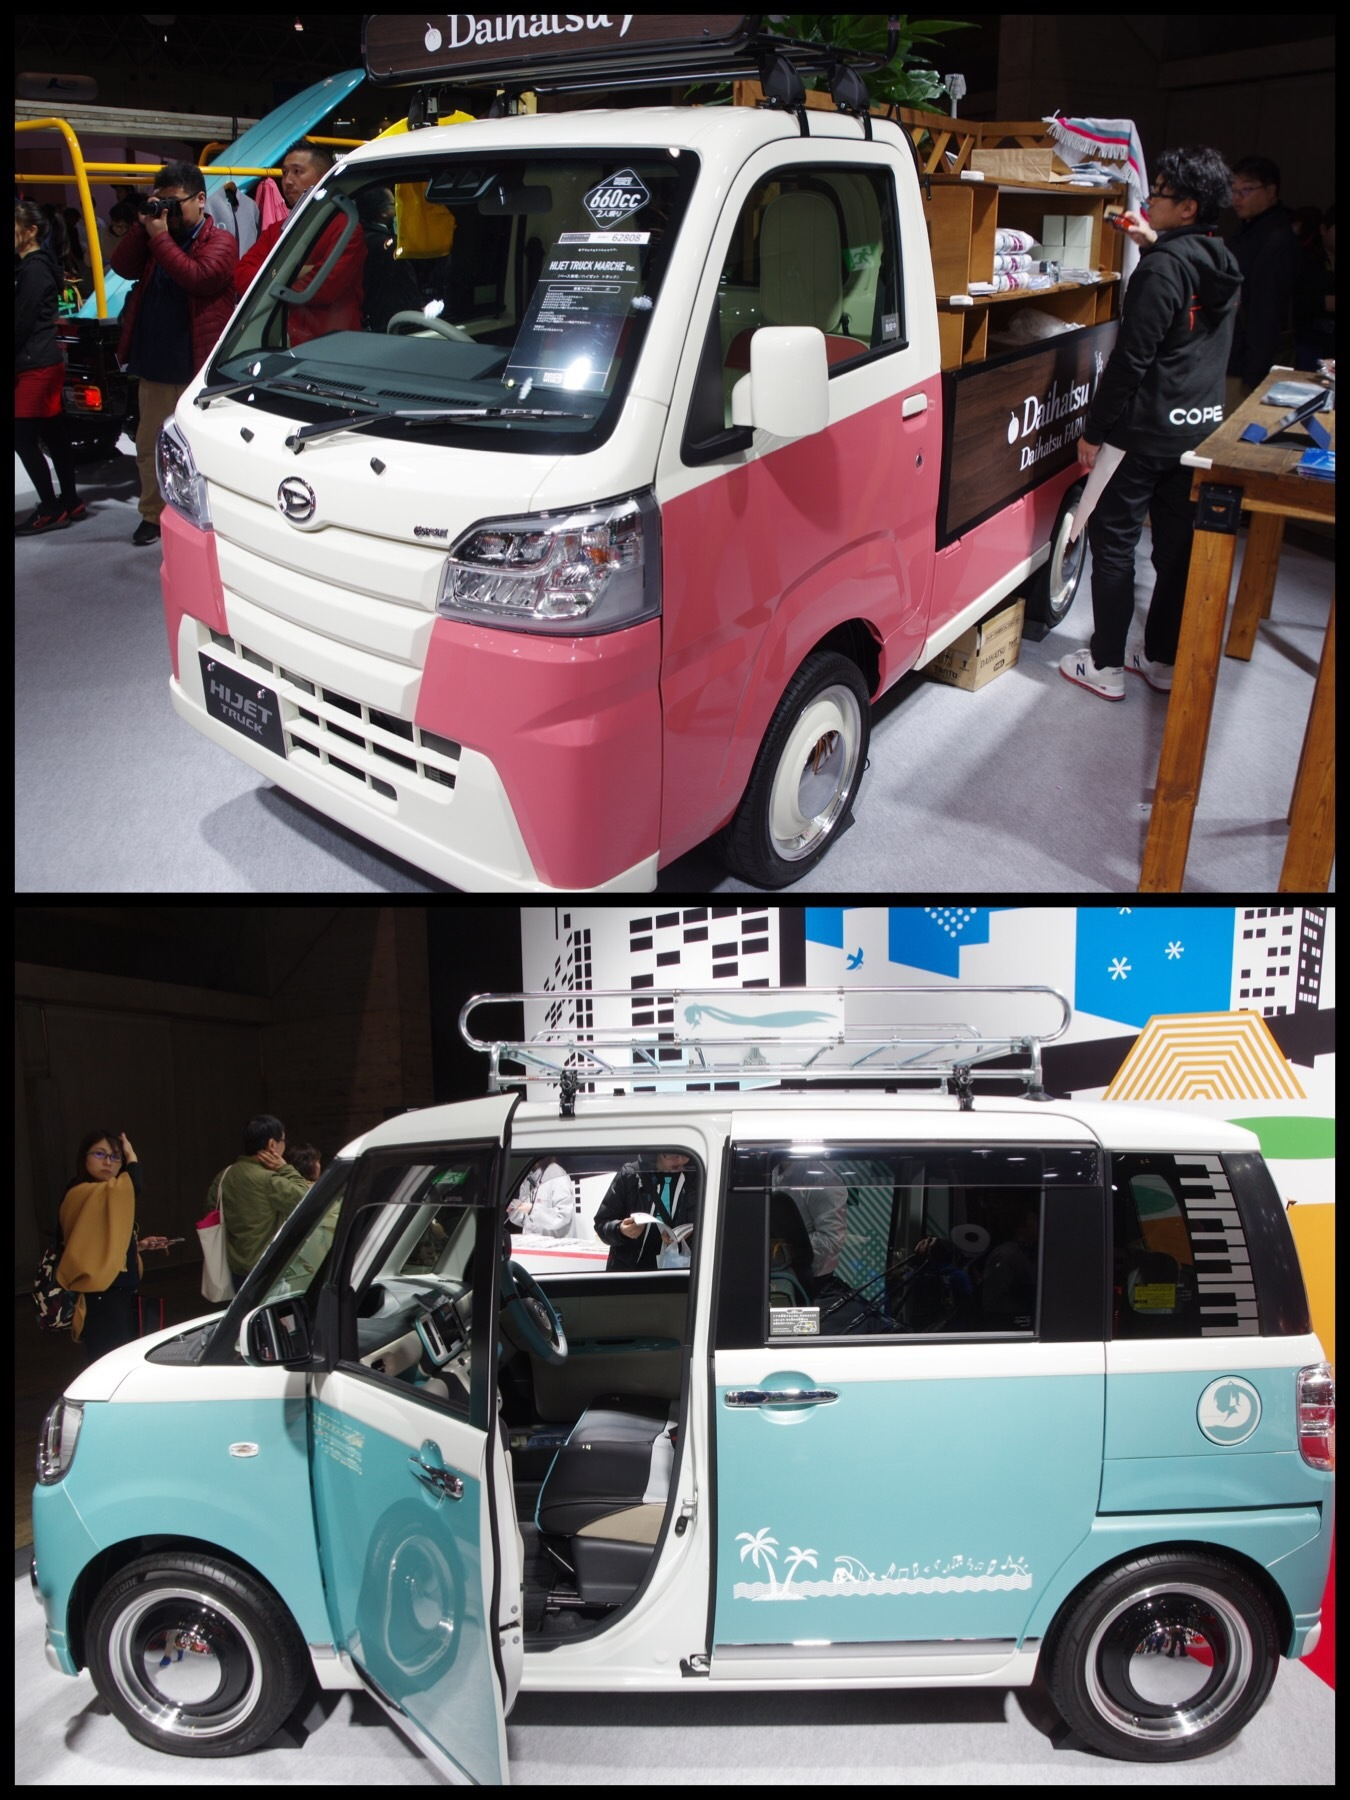 東京オートサロン2019 ダイハツ hijet truck canbus